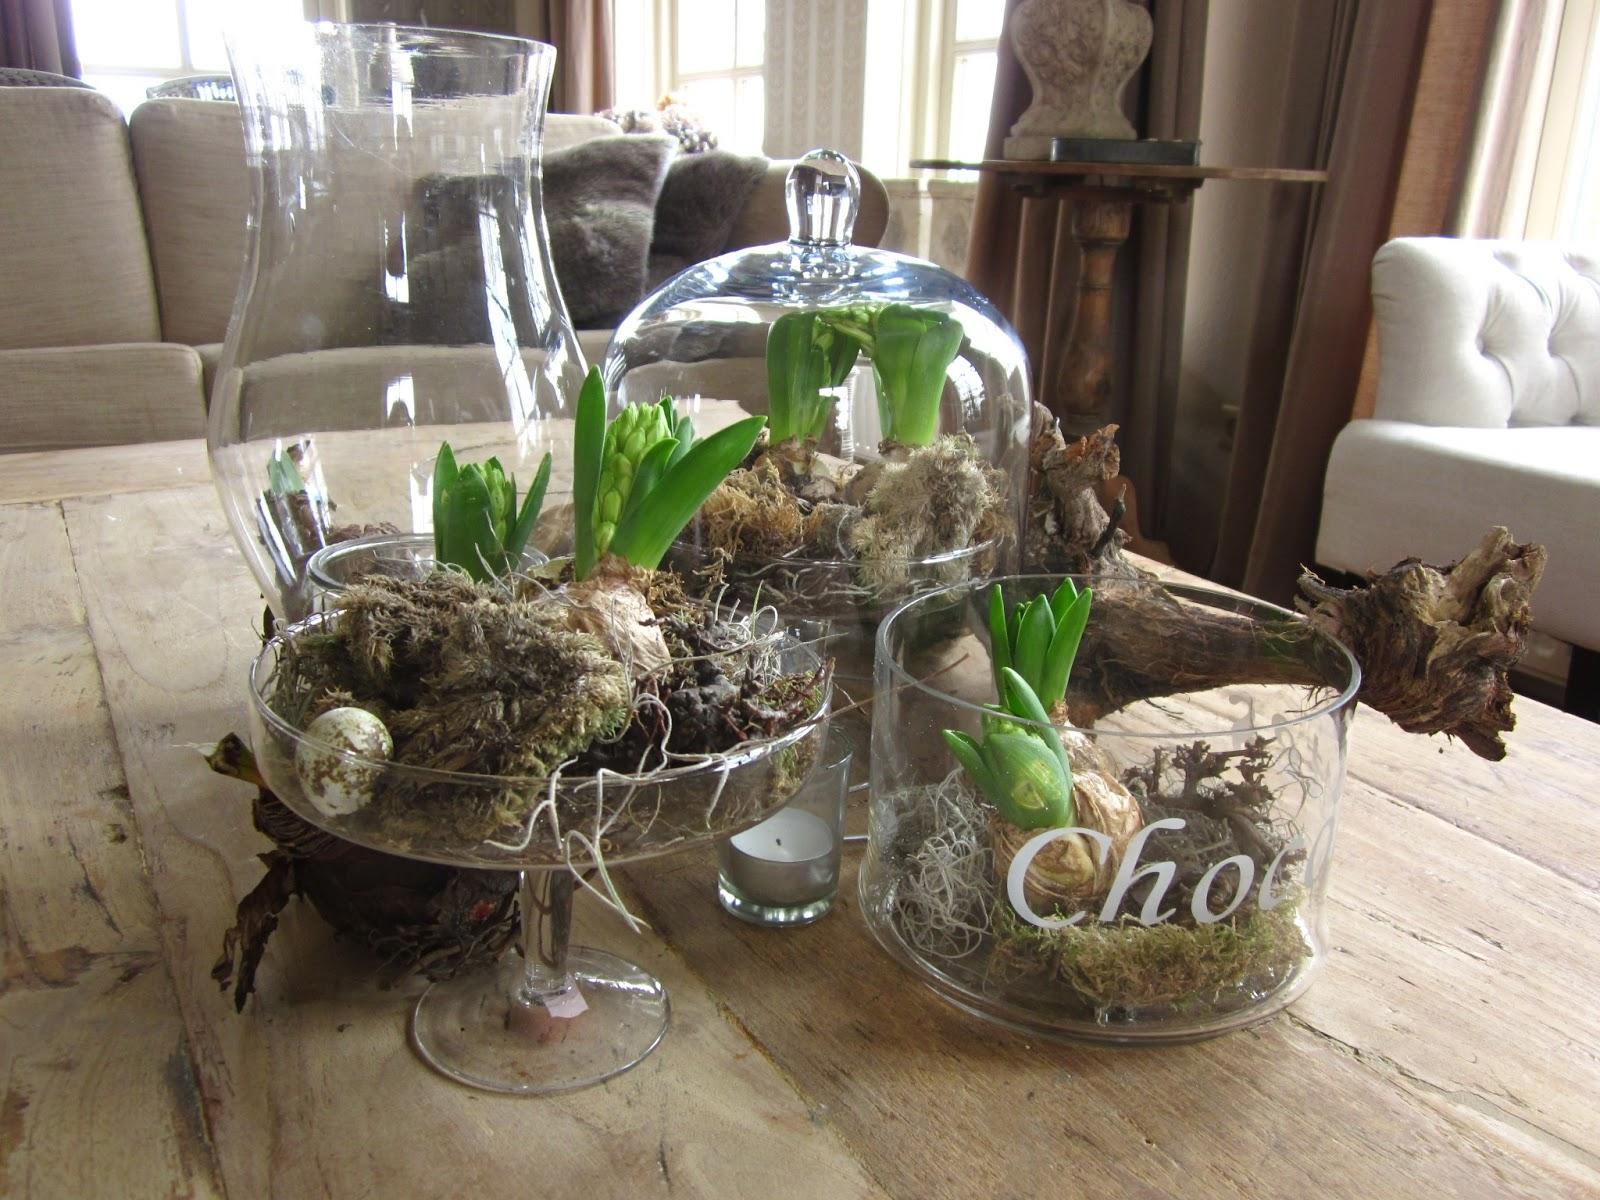 Sfeer in landelijke stijl 04 05 13 for Decoratie tafel landelijk